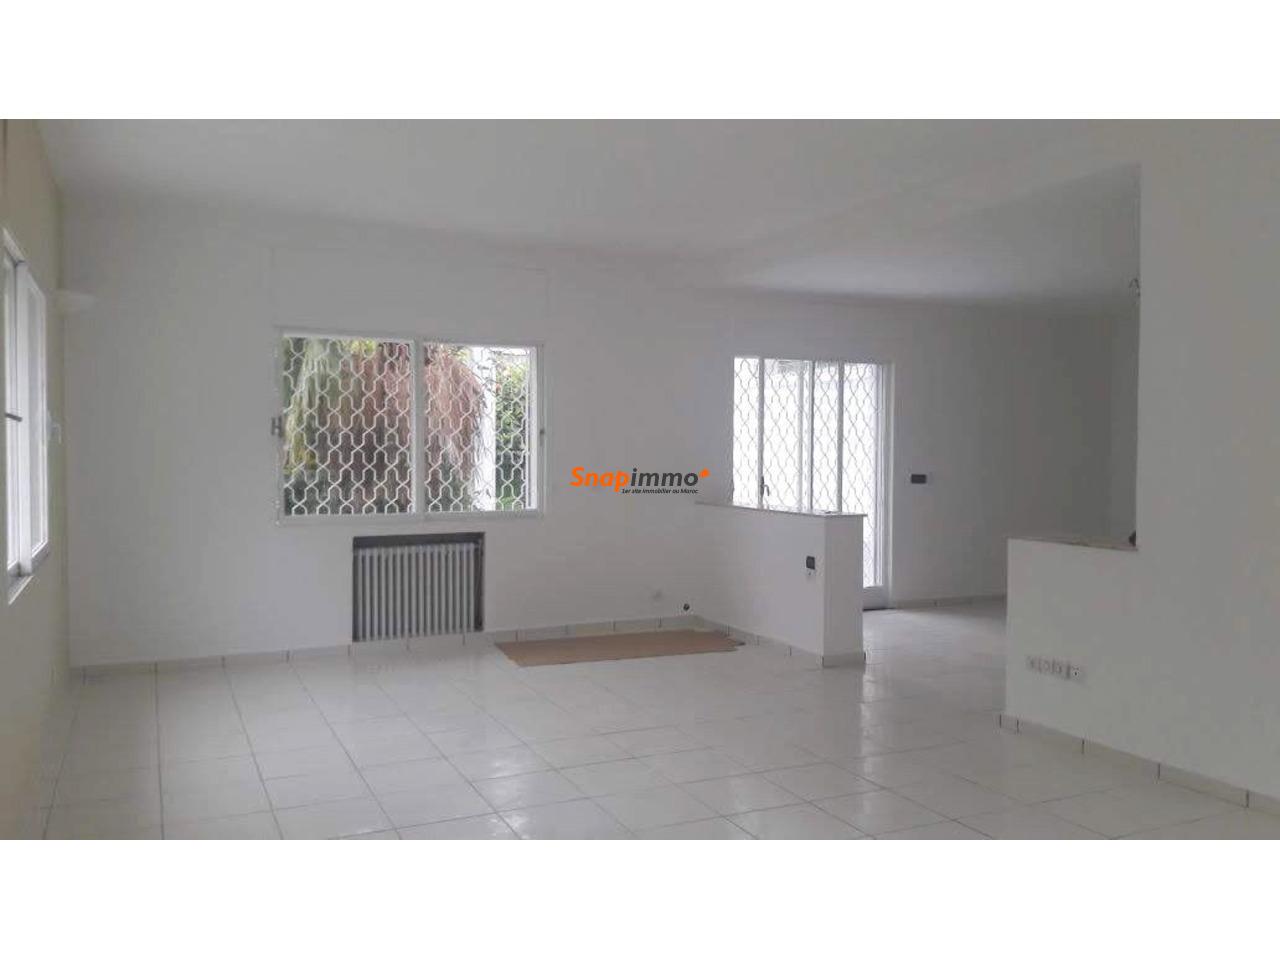 Villa 785 m² Haut Agdal (bien rare) - 1/6